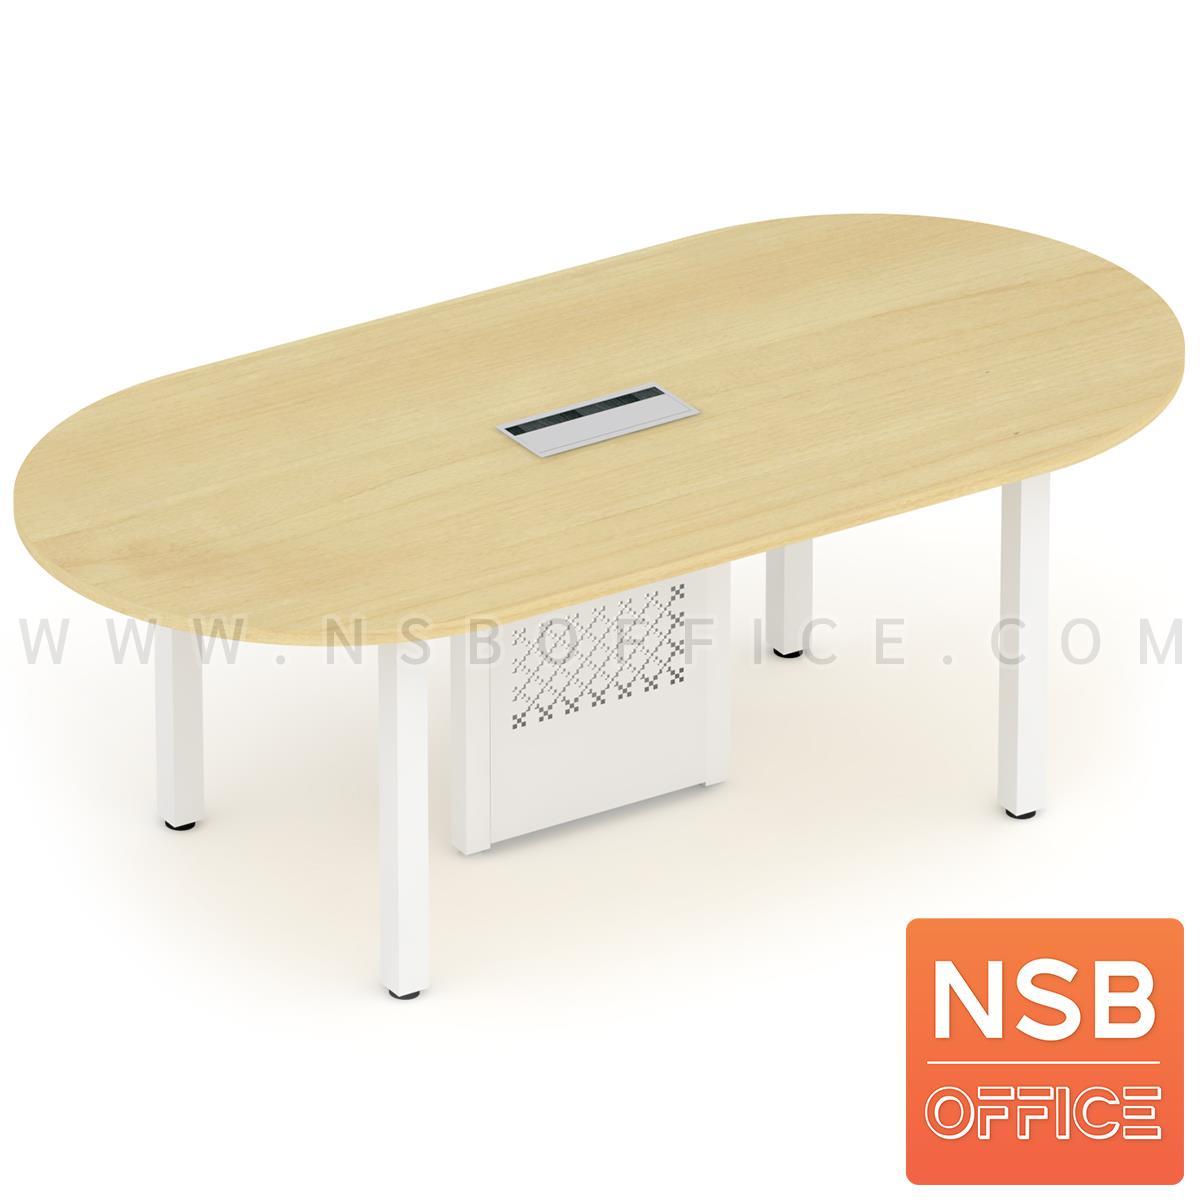 A05A136:โต๊ะประชุมทรงวงรี  ขนาด 200W ,240W cm.  พร้อมกล่องนำสายไฟตรงกลาง ขาเหล็กเหลี่ยมสีขาว